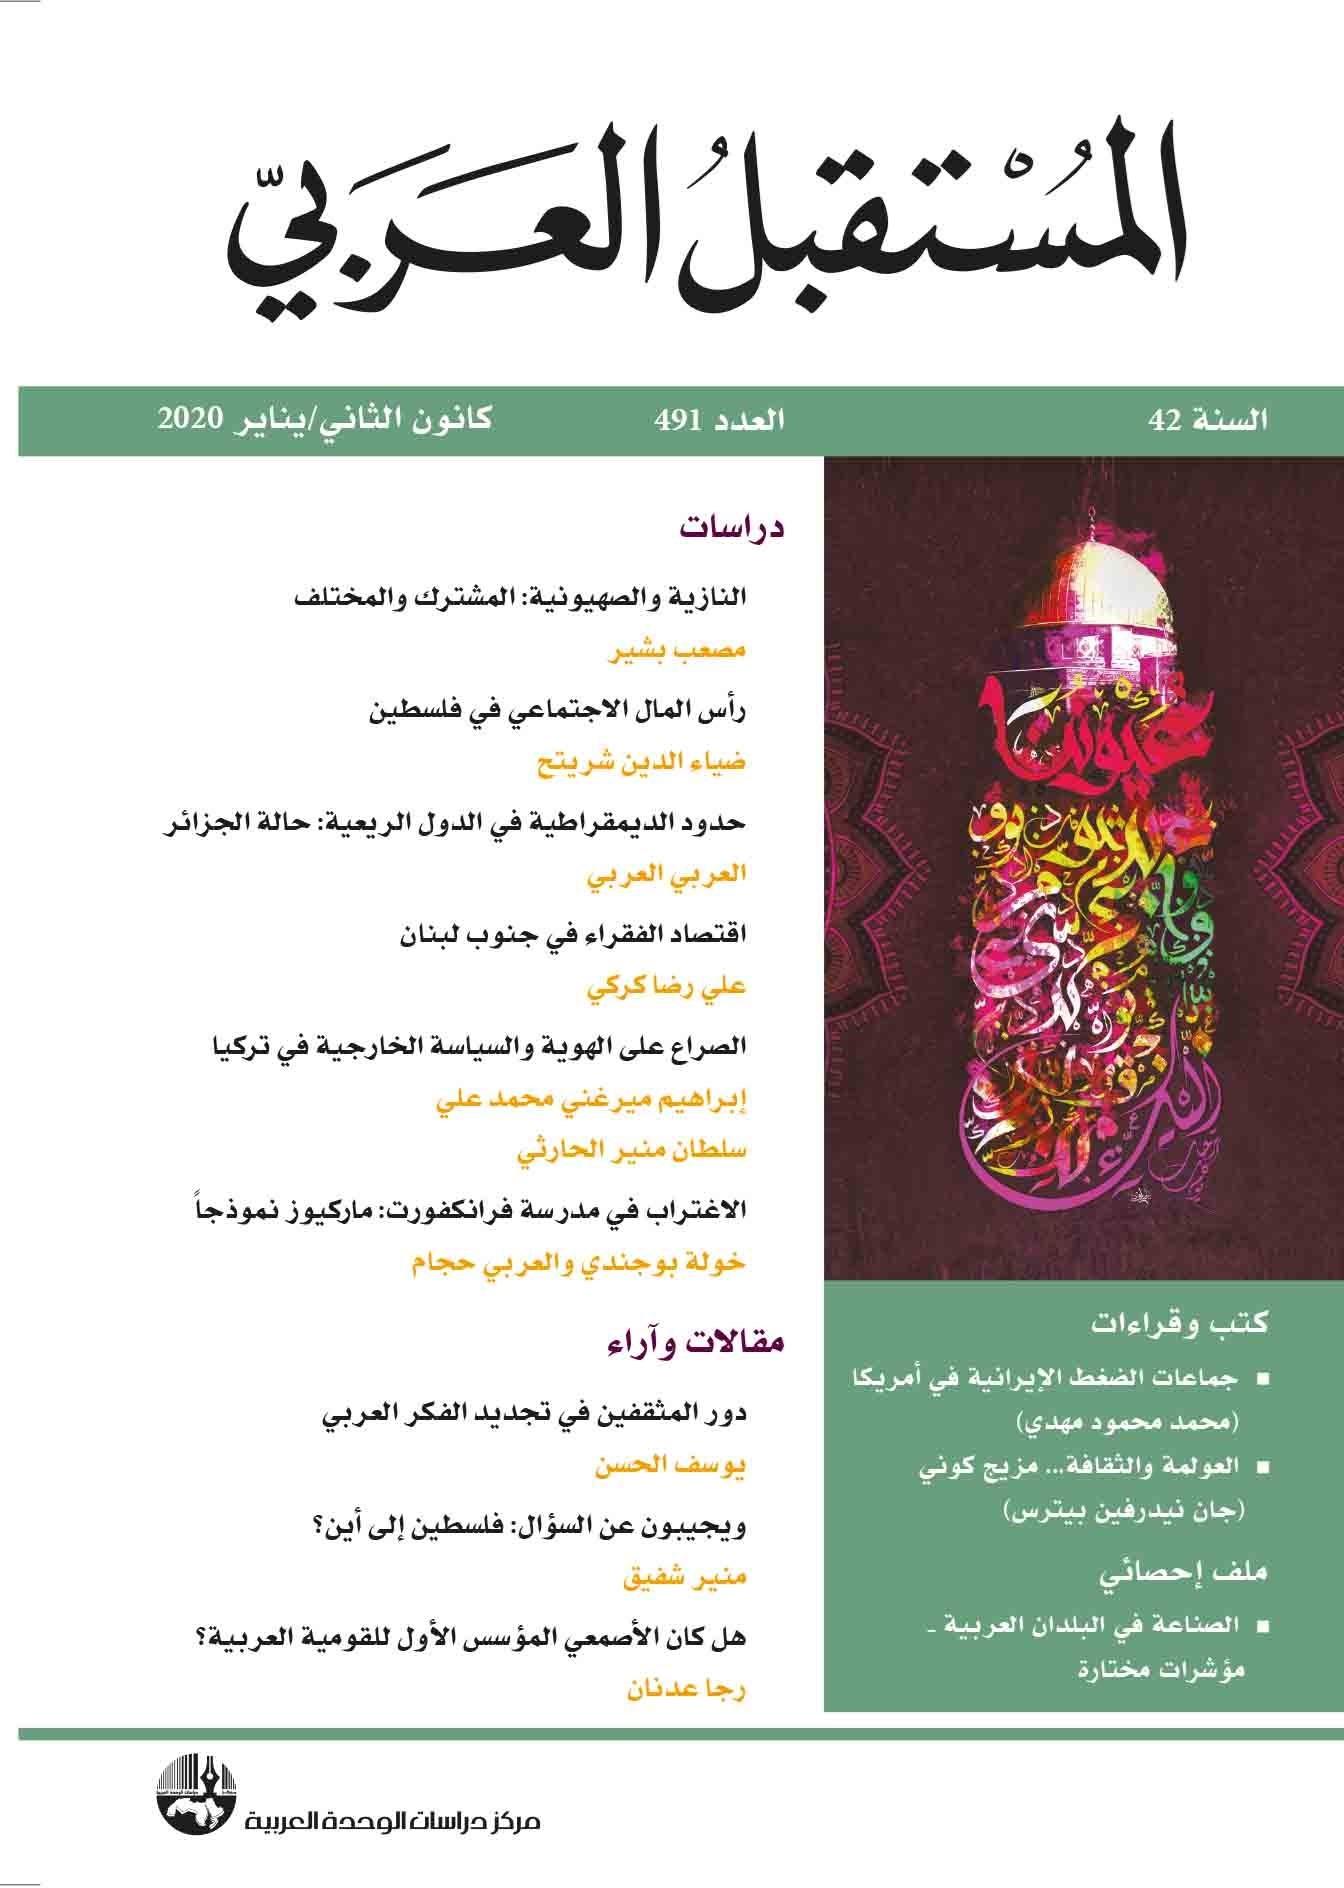 صدور مجلة المستقبل العربي الخاص بشهر كانون الثاني/يناير 2020